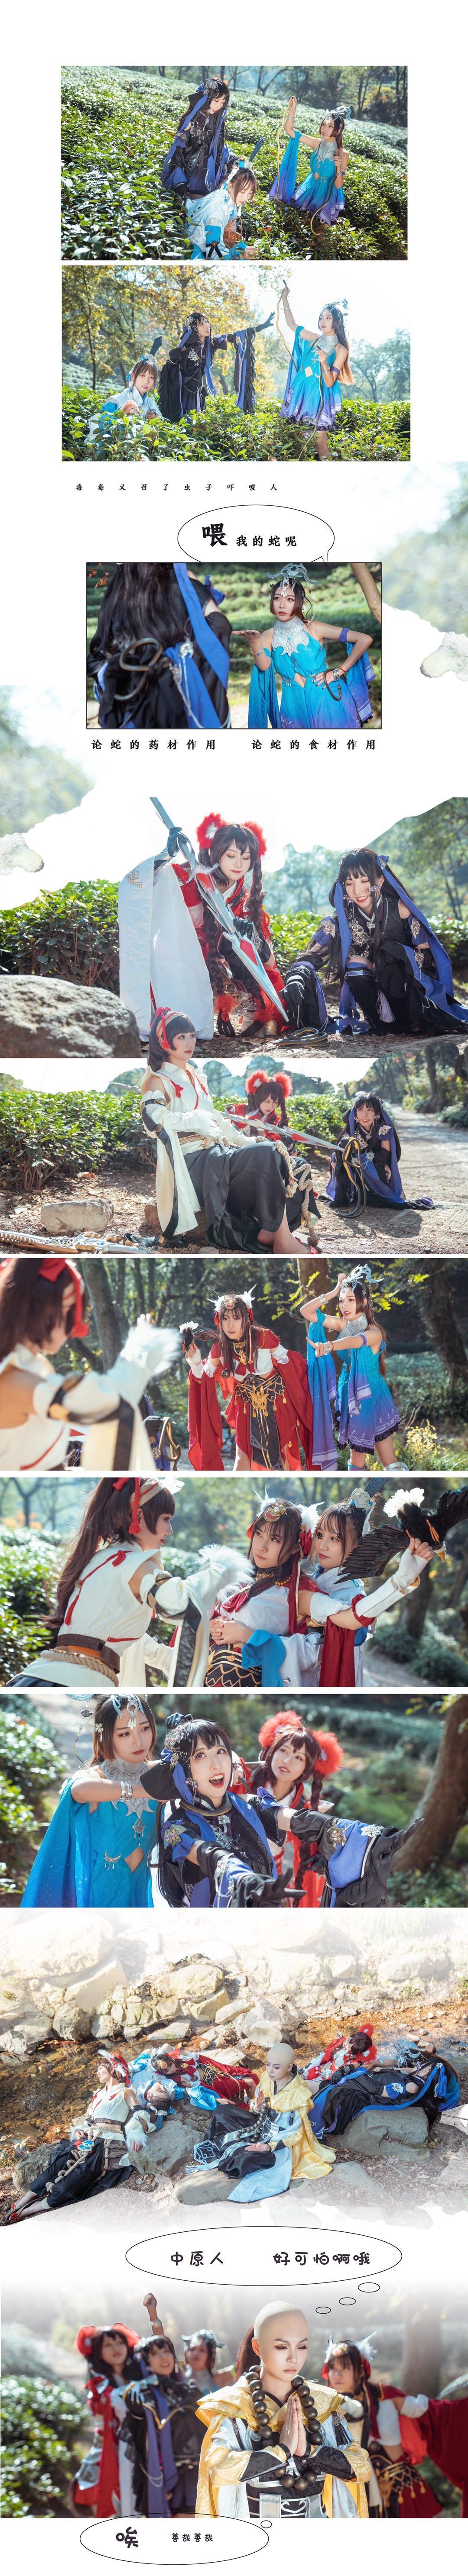 剑三cosplay【CN:师姐羊绒】-第5张